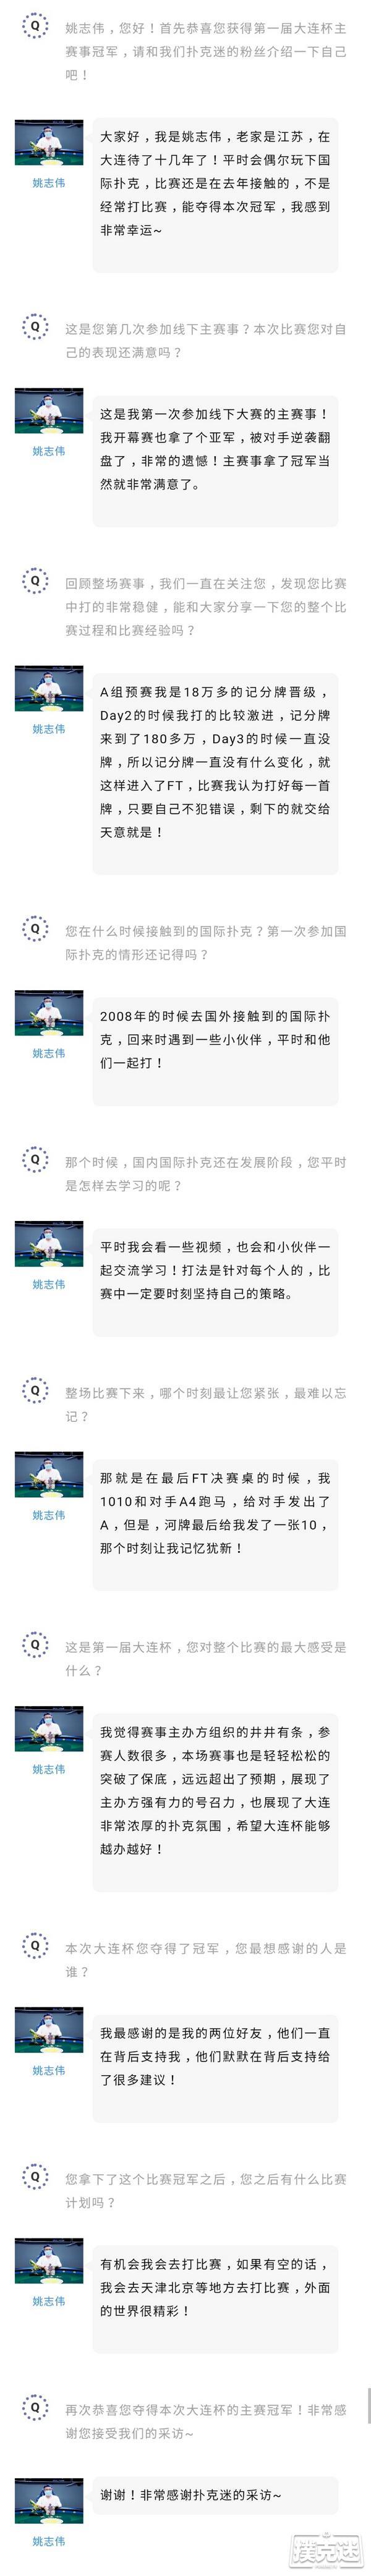 大连杯   马小妹儿专访首届大连杯冠军姚志伟!